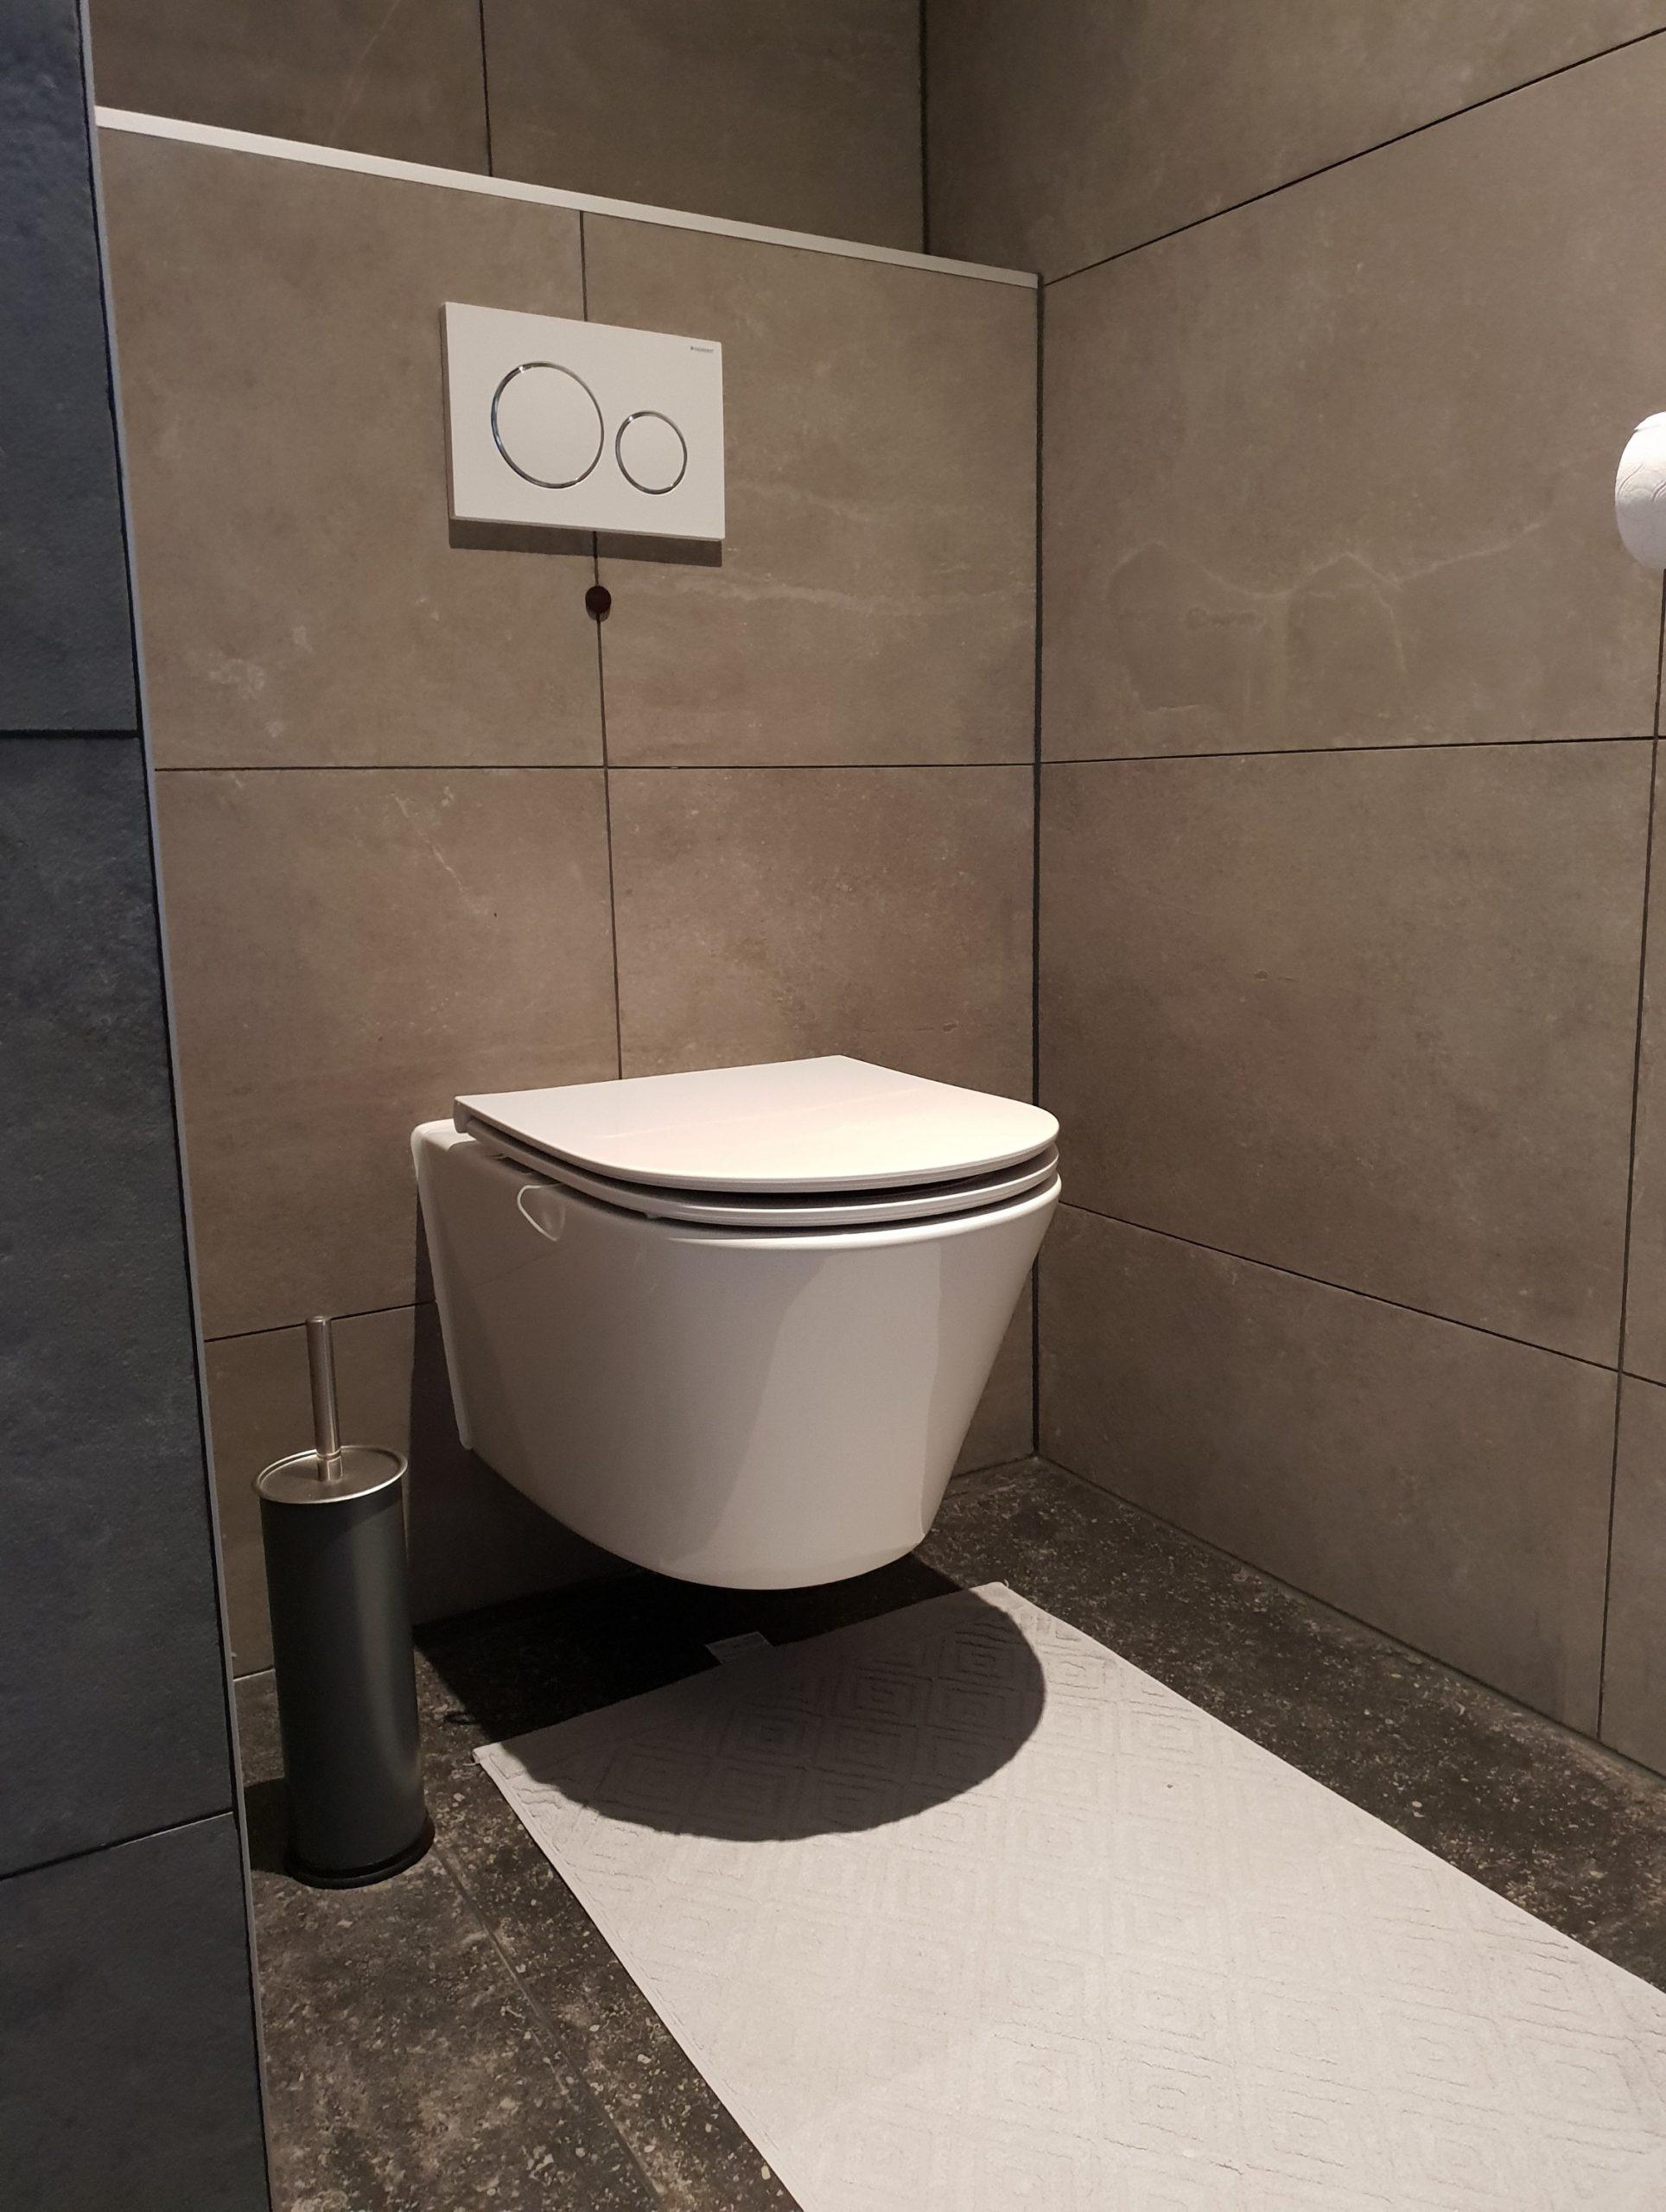 Toilet in Oentsjerk (Friesland)